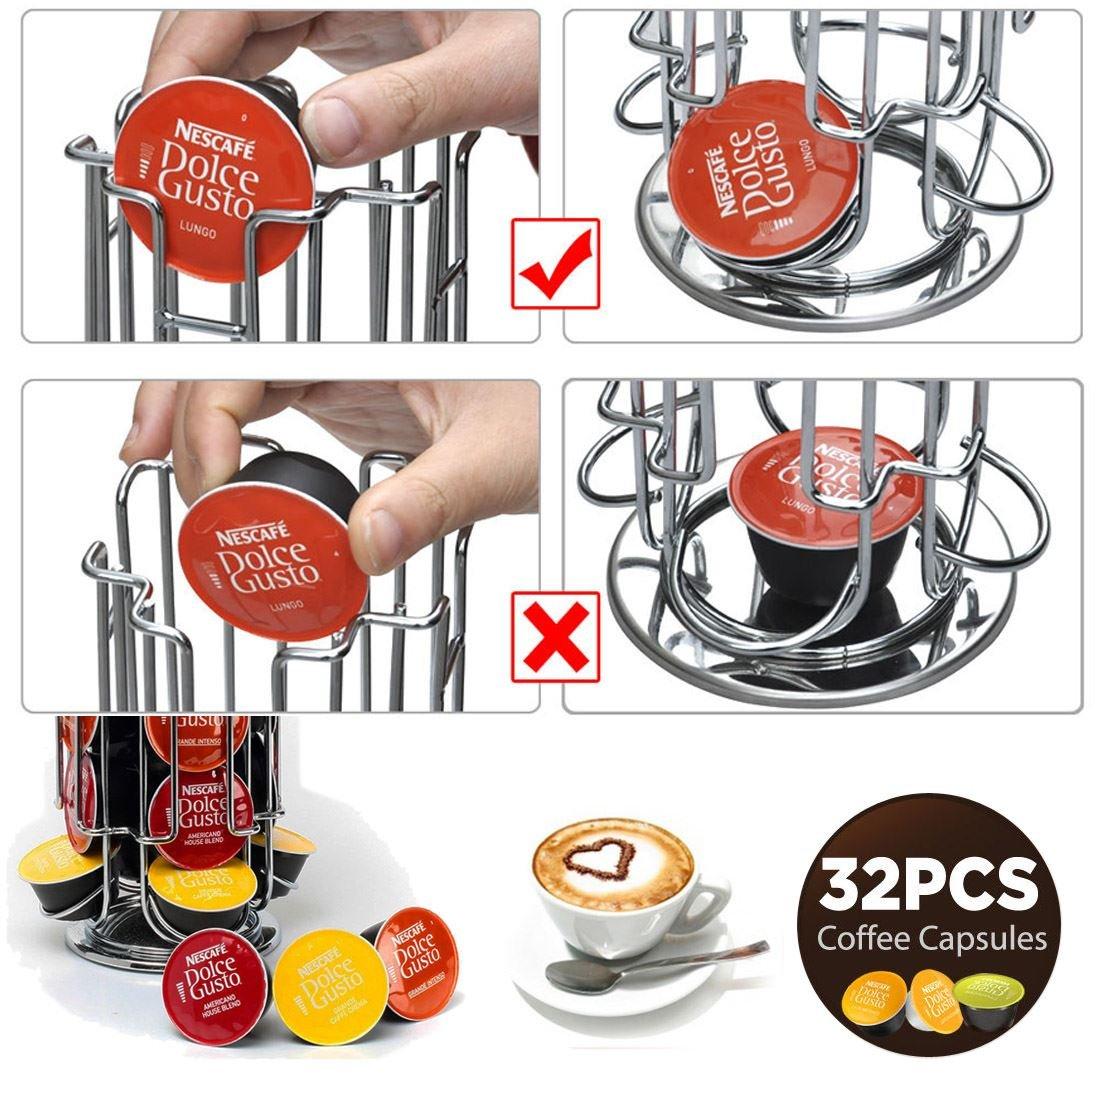 Dispensador de cápsulas de café 24/32 DOLCE GUSTO Pod T-Disc de acero inoxidable con base giratoria – almacena hasta 24/32 cápsulas de DOLCE GUSTO Pod ...